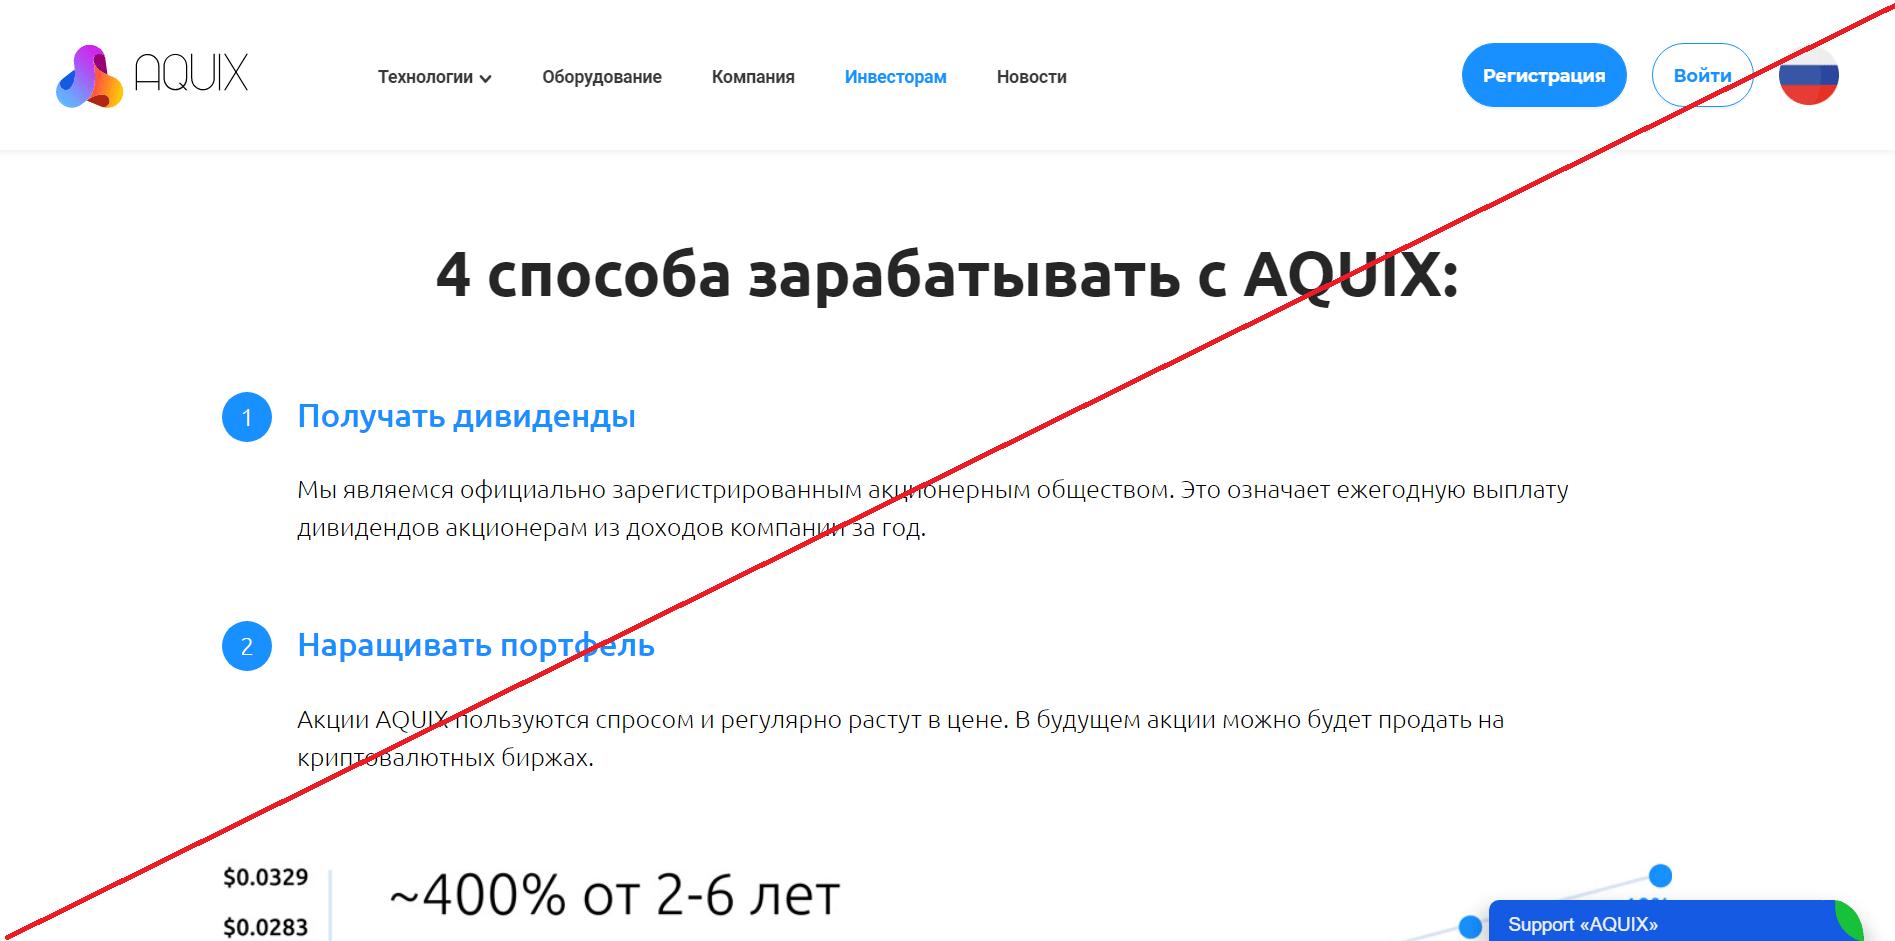 AQUIX - Мошенники